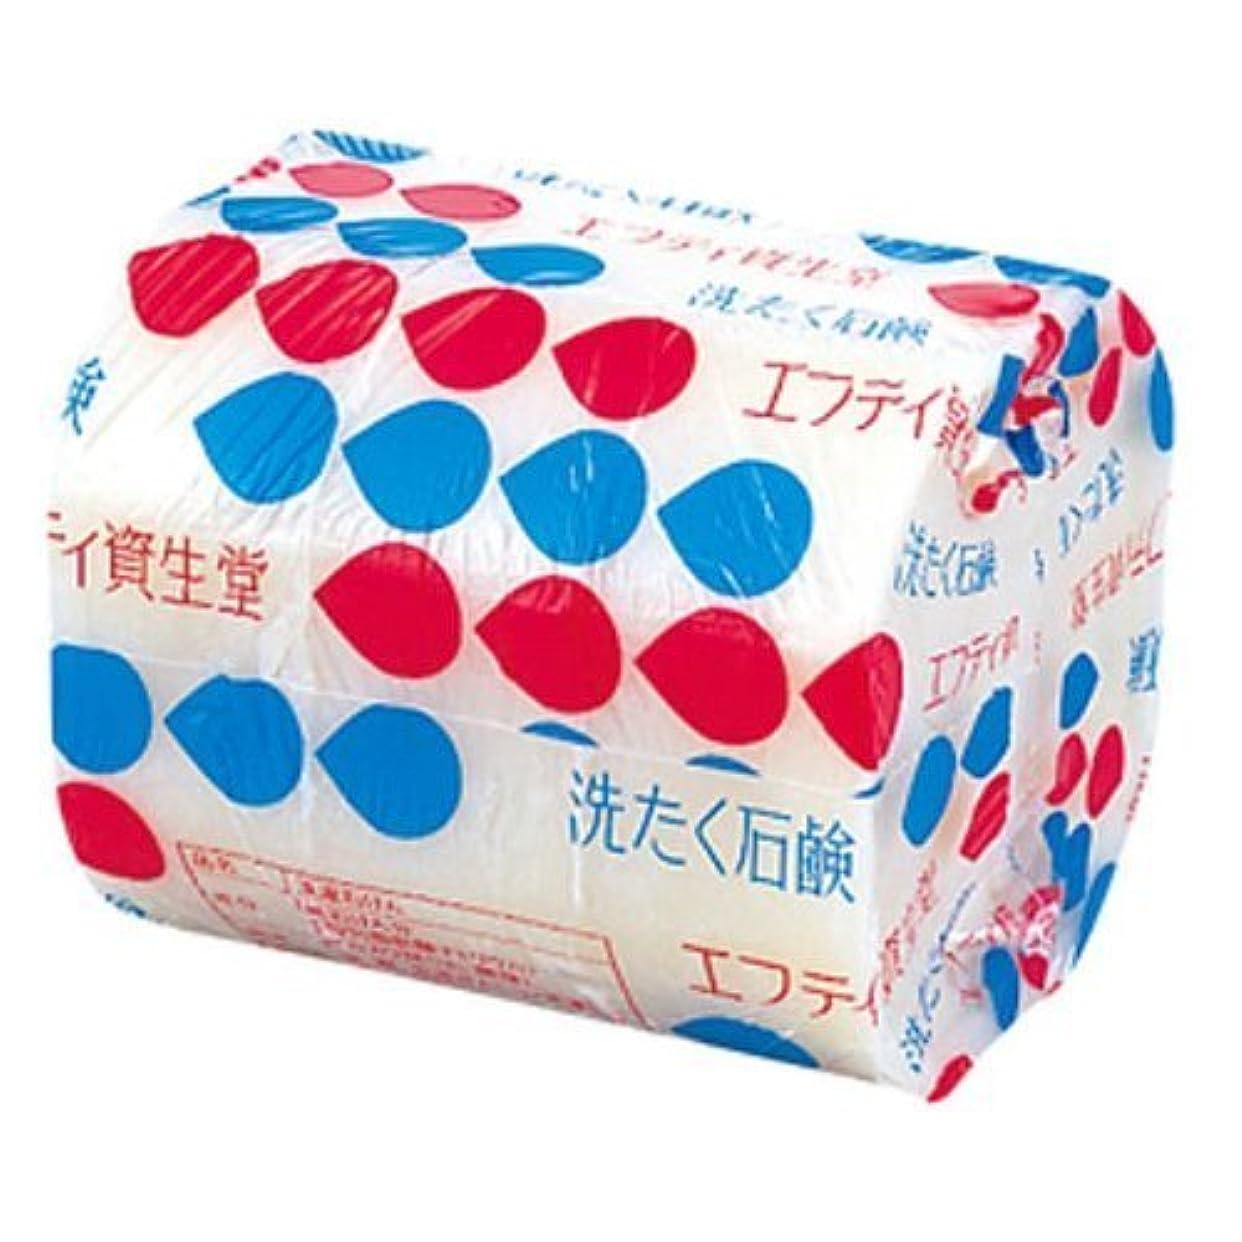 ロケーションどうやら愛撫【資生堂】エフティ資生堂洗たく石鹸花椿型3コパック200g